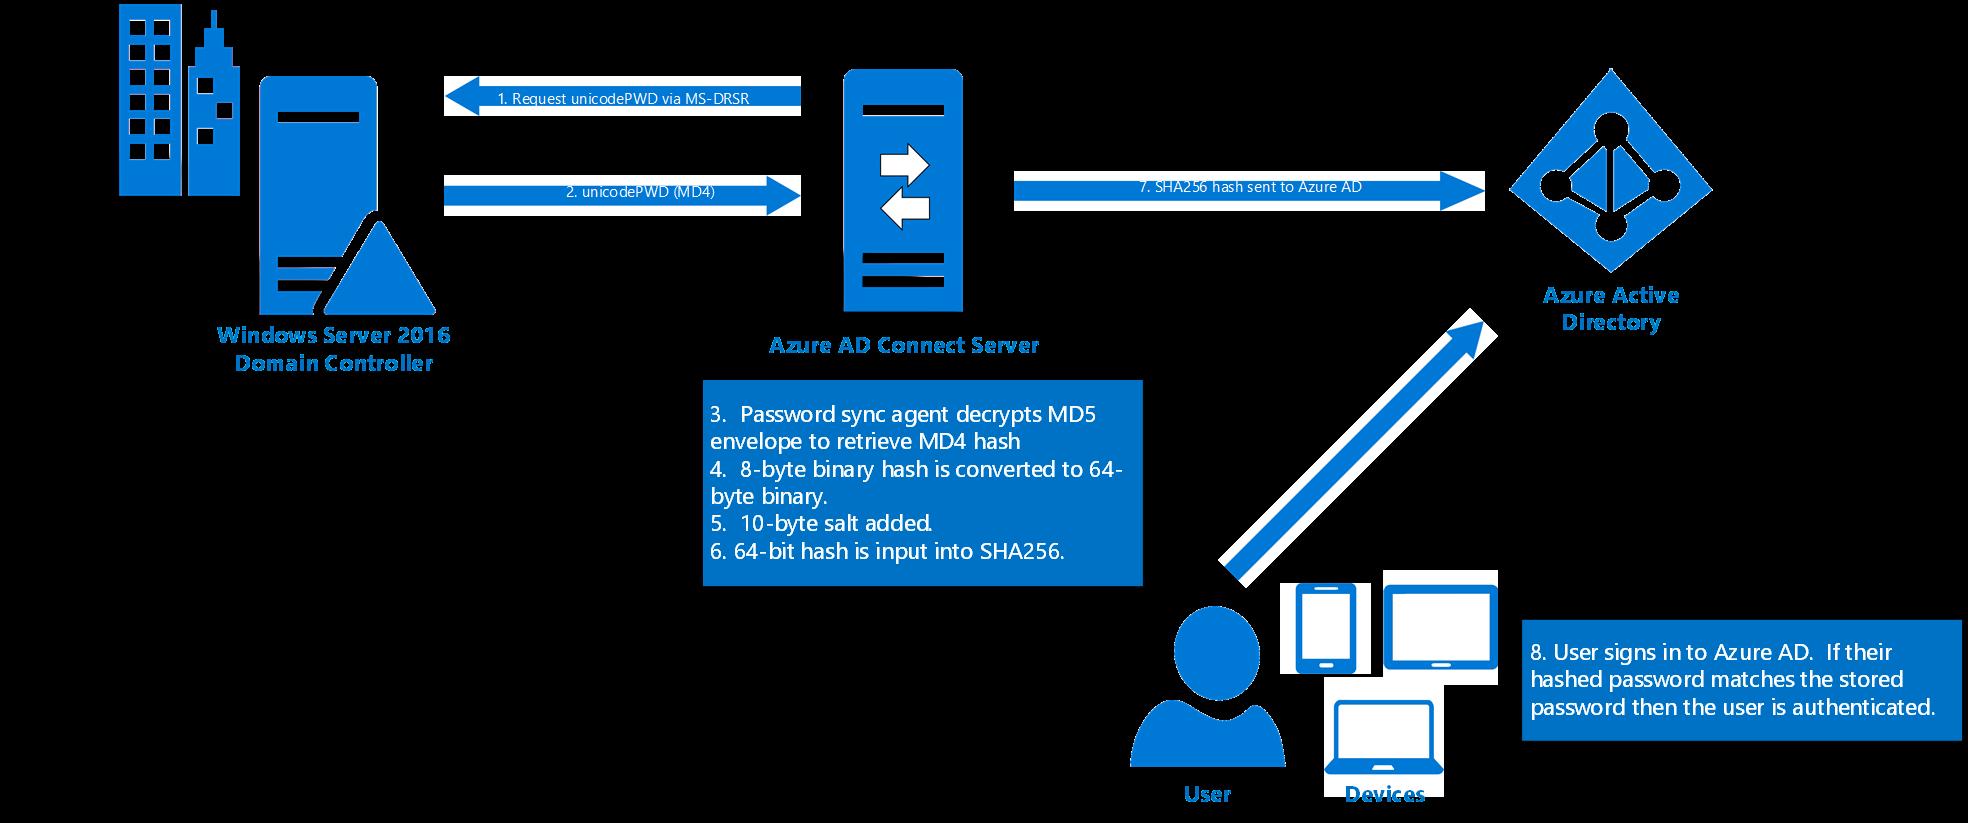 Implementación de la sincronización de hash de contraseñas mediante la sincronización de Azure AD Connect